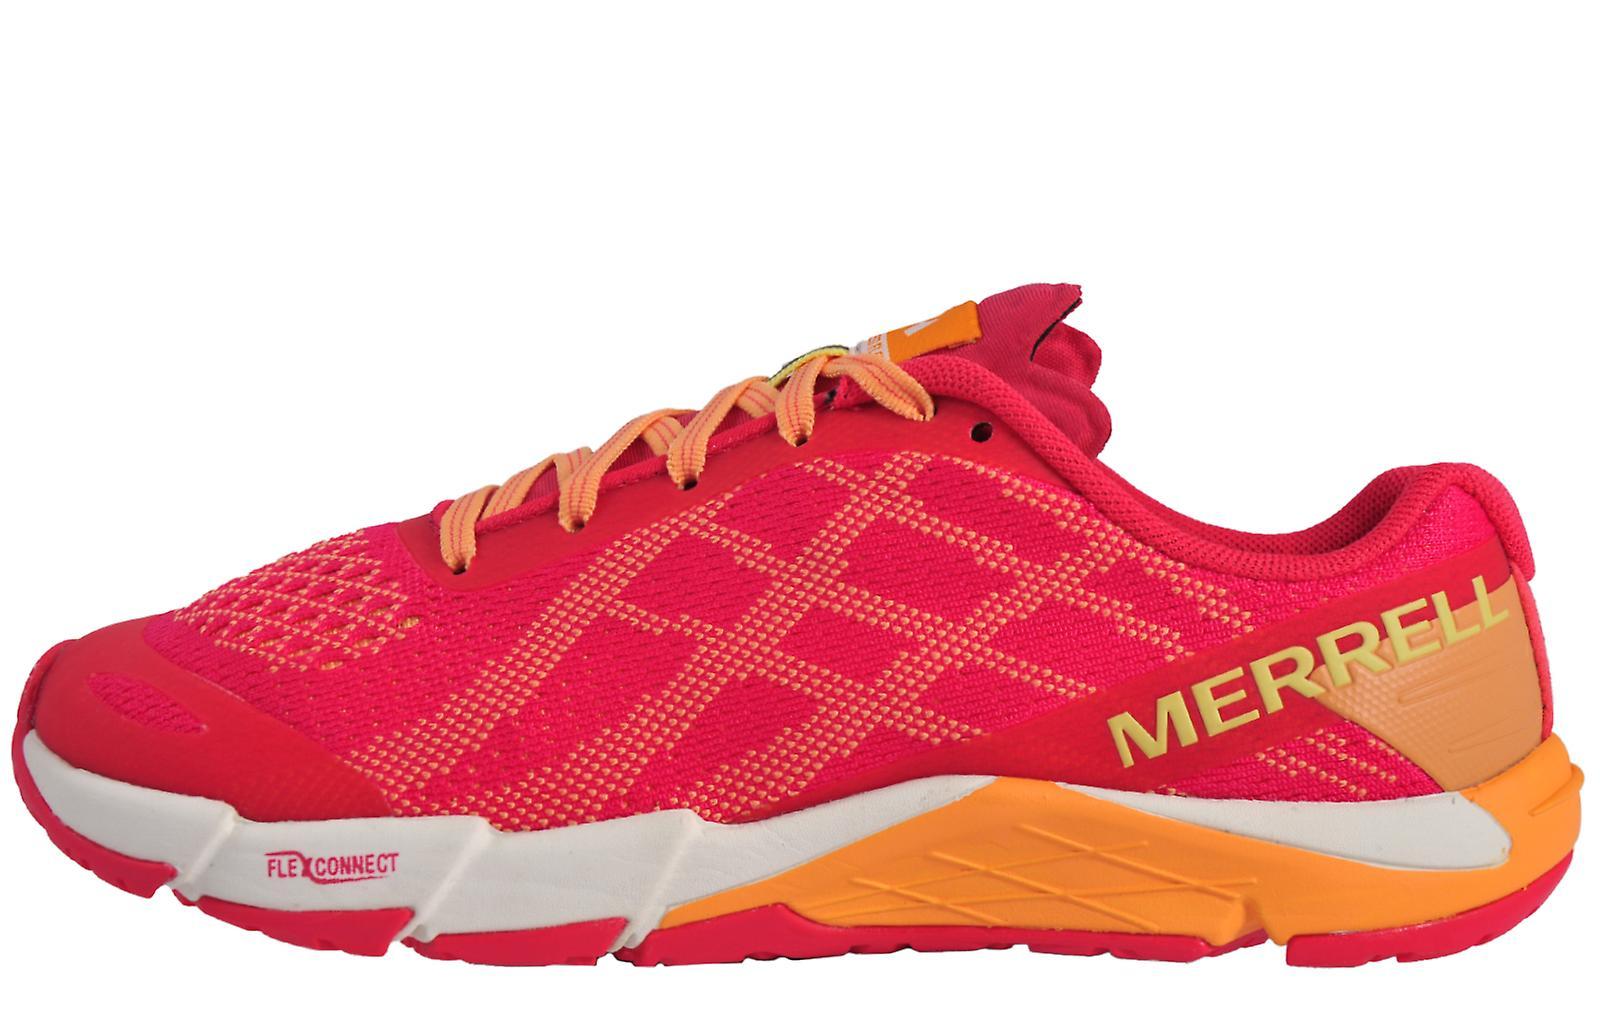 Merrell Bare Access Flex E-Mesh Hot Coral